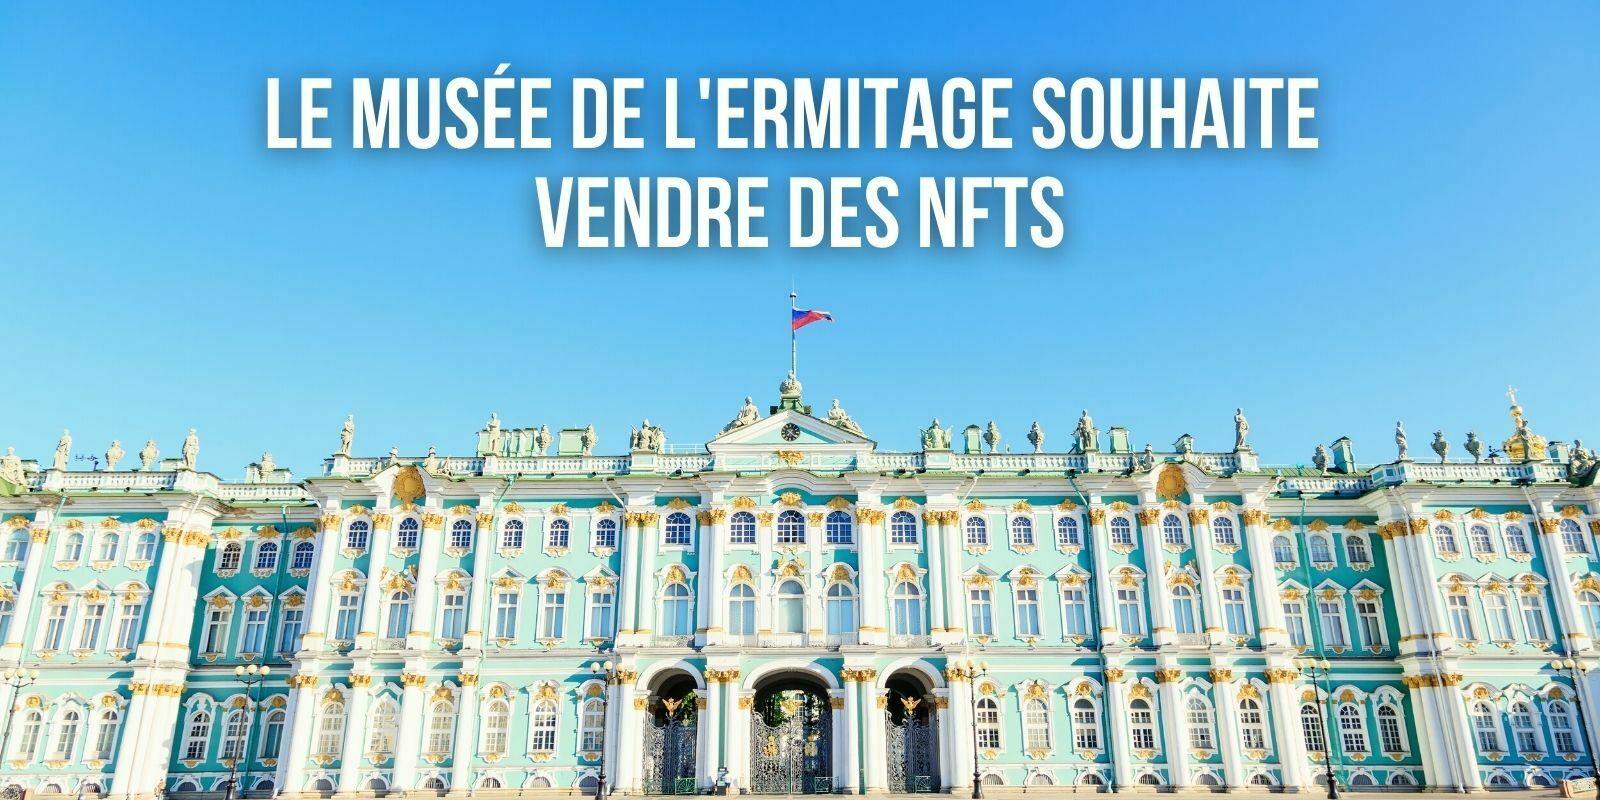 Le célèbre musée russe de l'Ermitage cherche à lever des fonds grâce aux NFTs